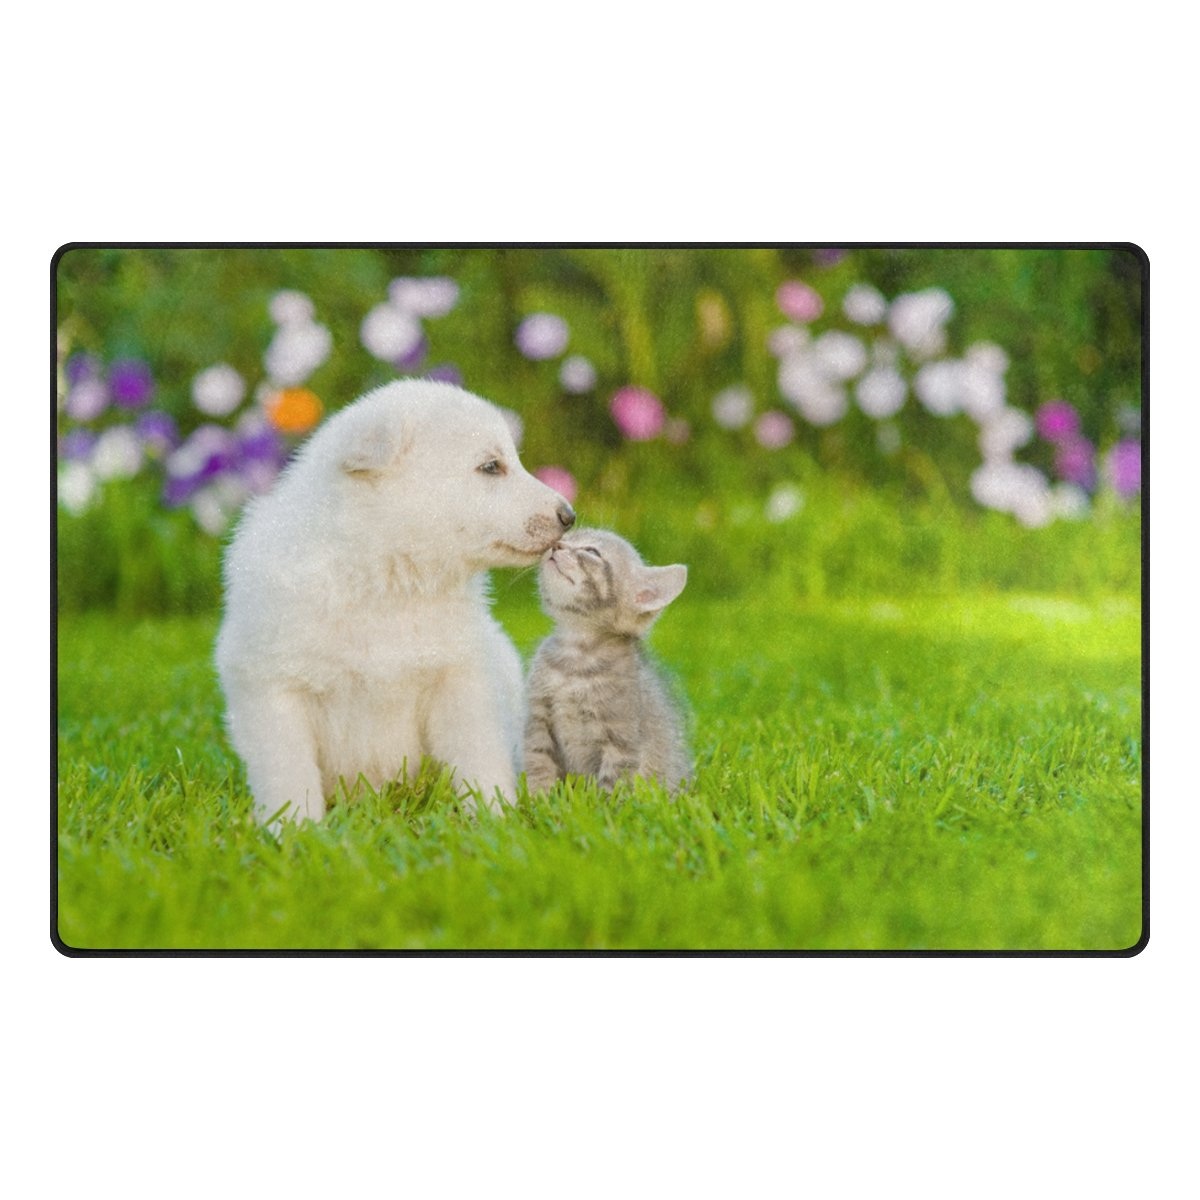 ColourLife Lightweight Non Slip Carpet Mats Area Soft Rugs Floor Mat Rug Decoration for Kids Room Living Room 60 x 39 inches White Dog Kissing Kitten